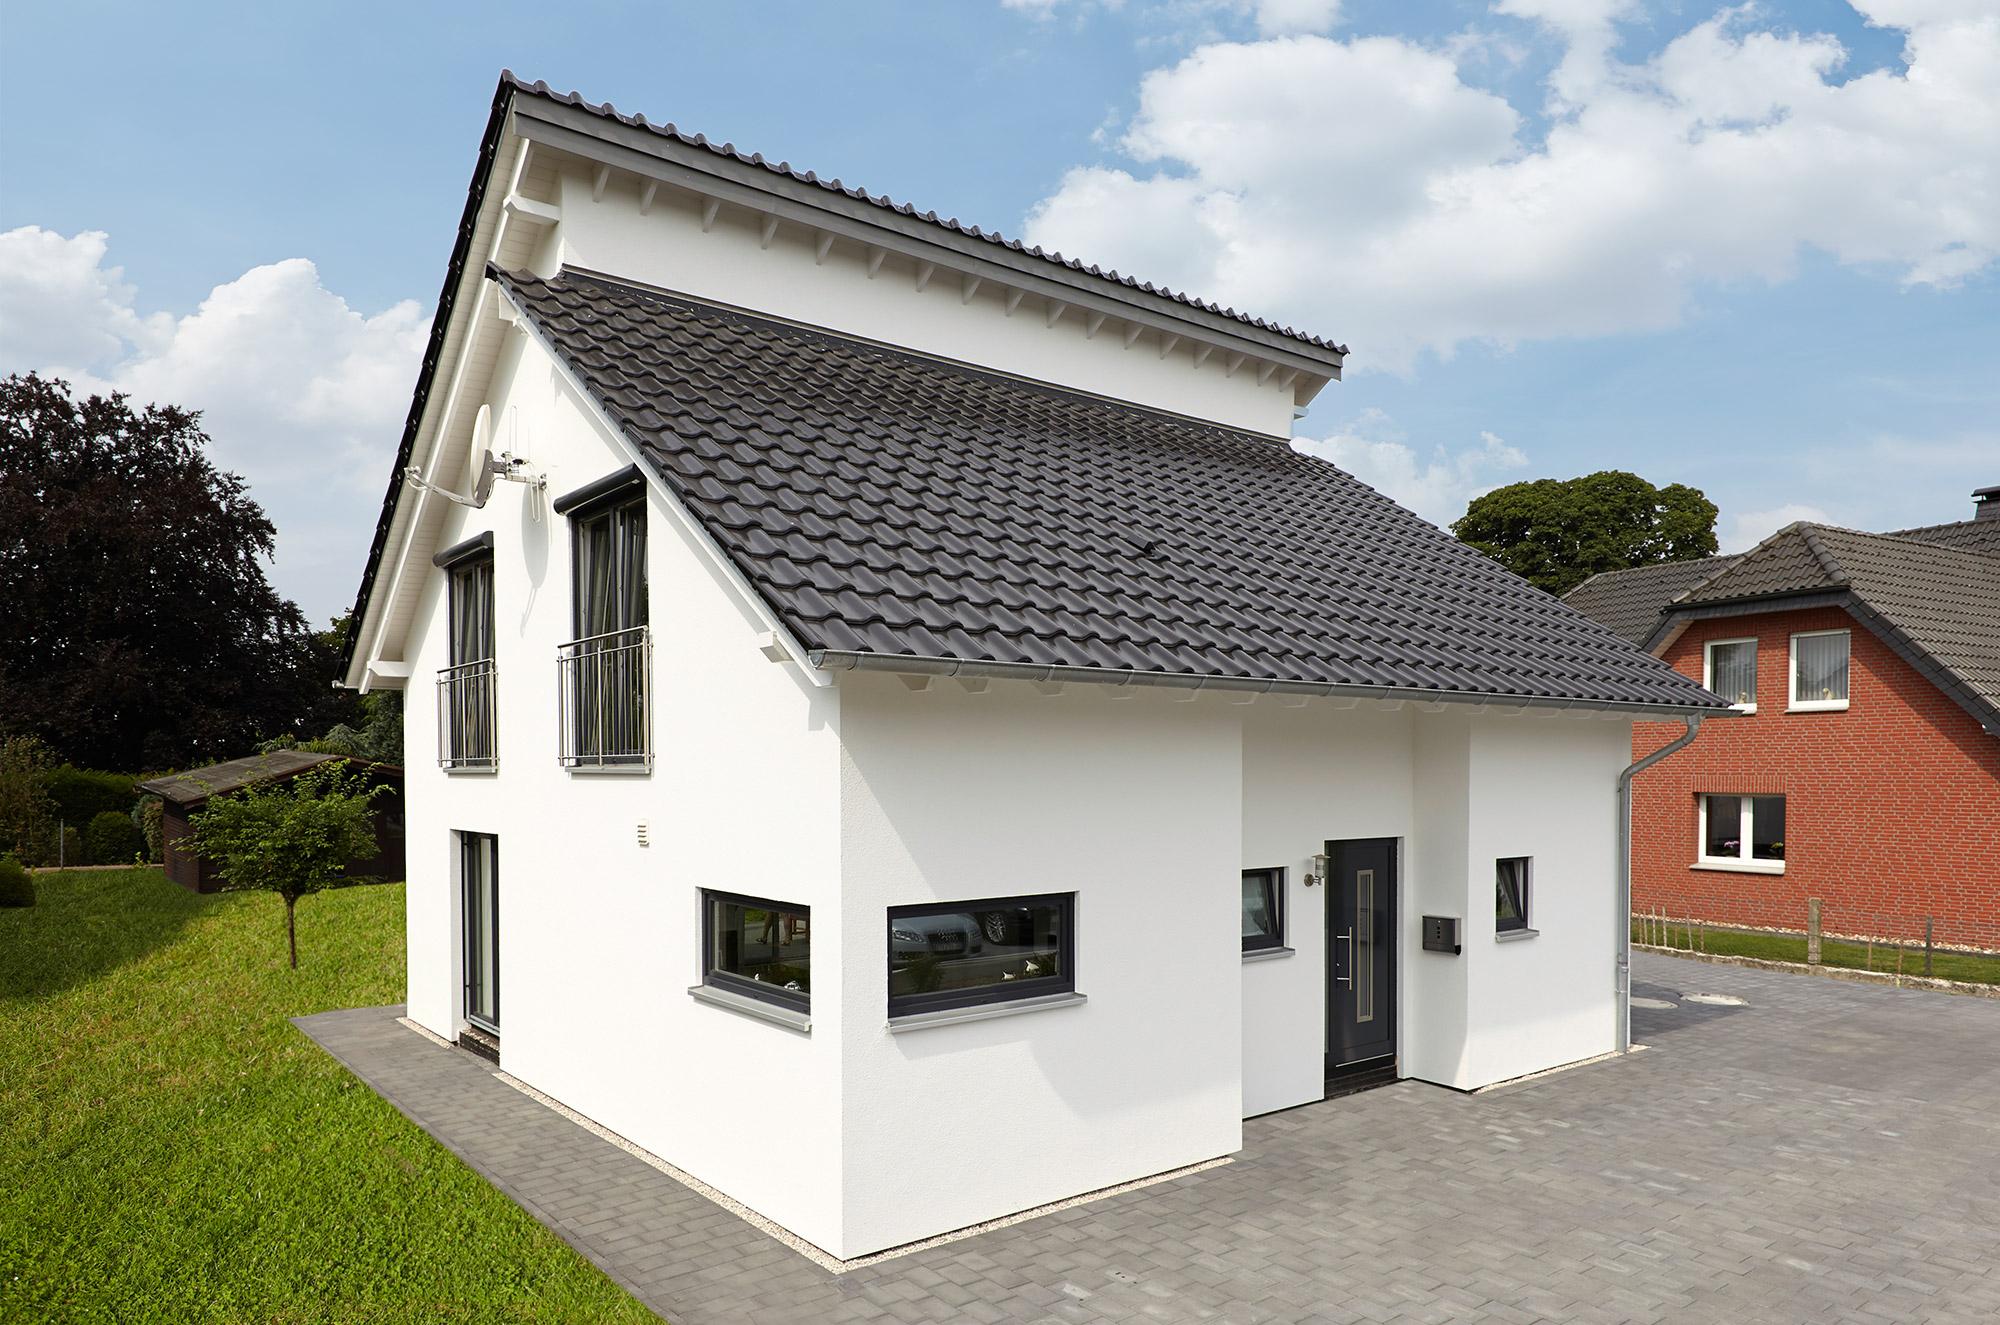 Familienhaus NRW Soest Lippstadt